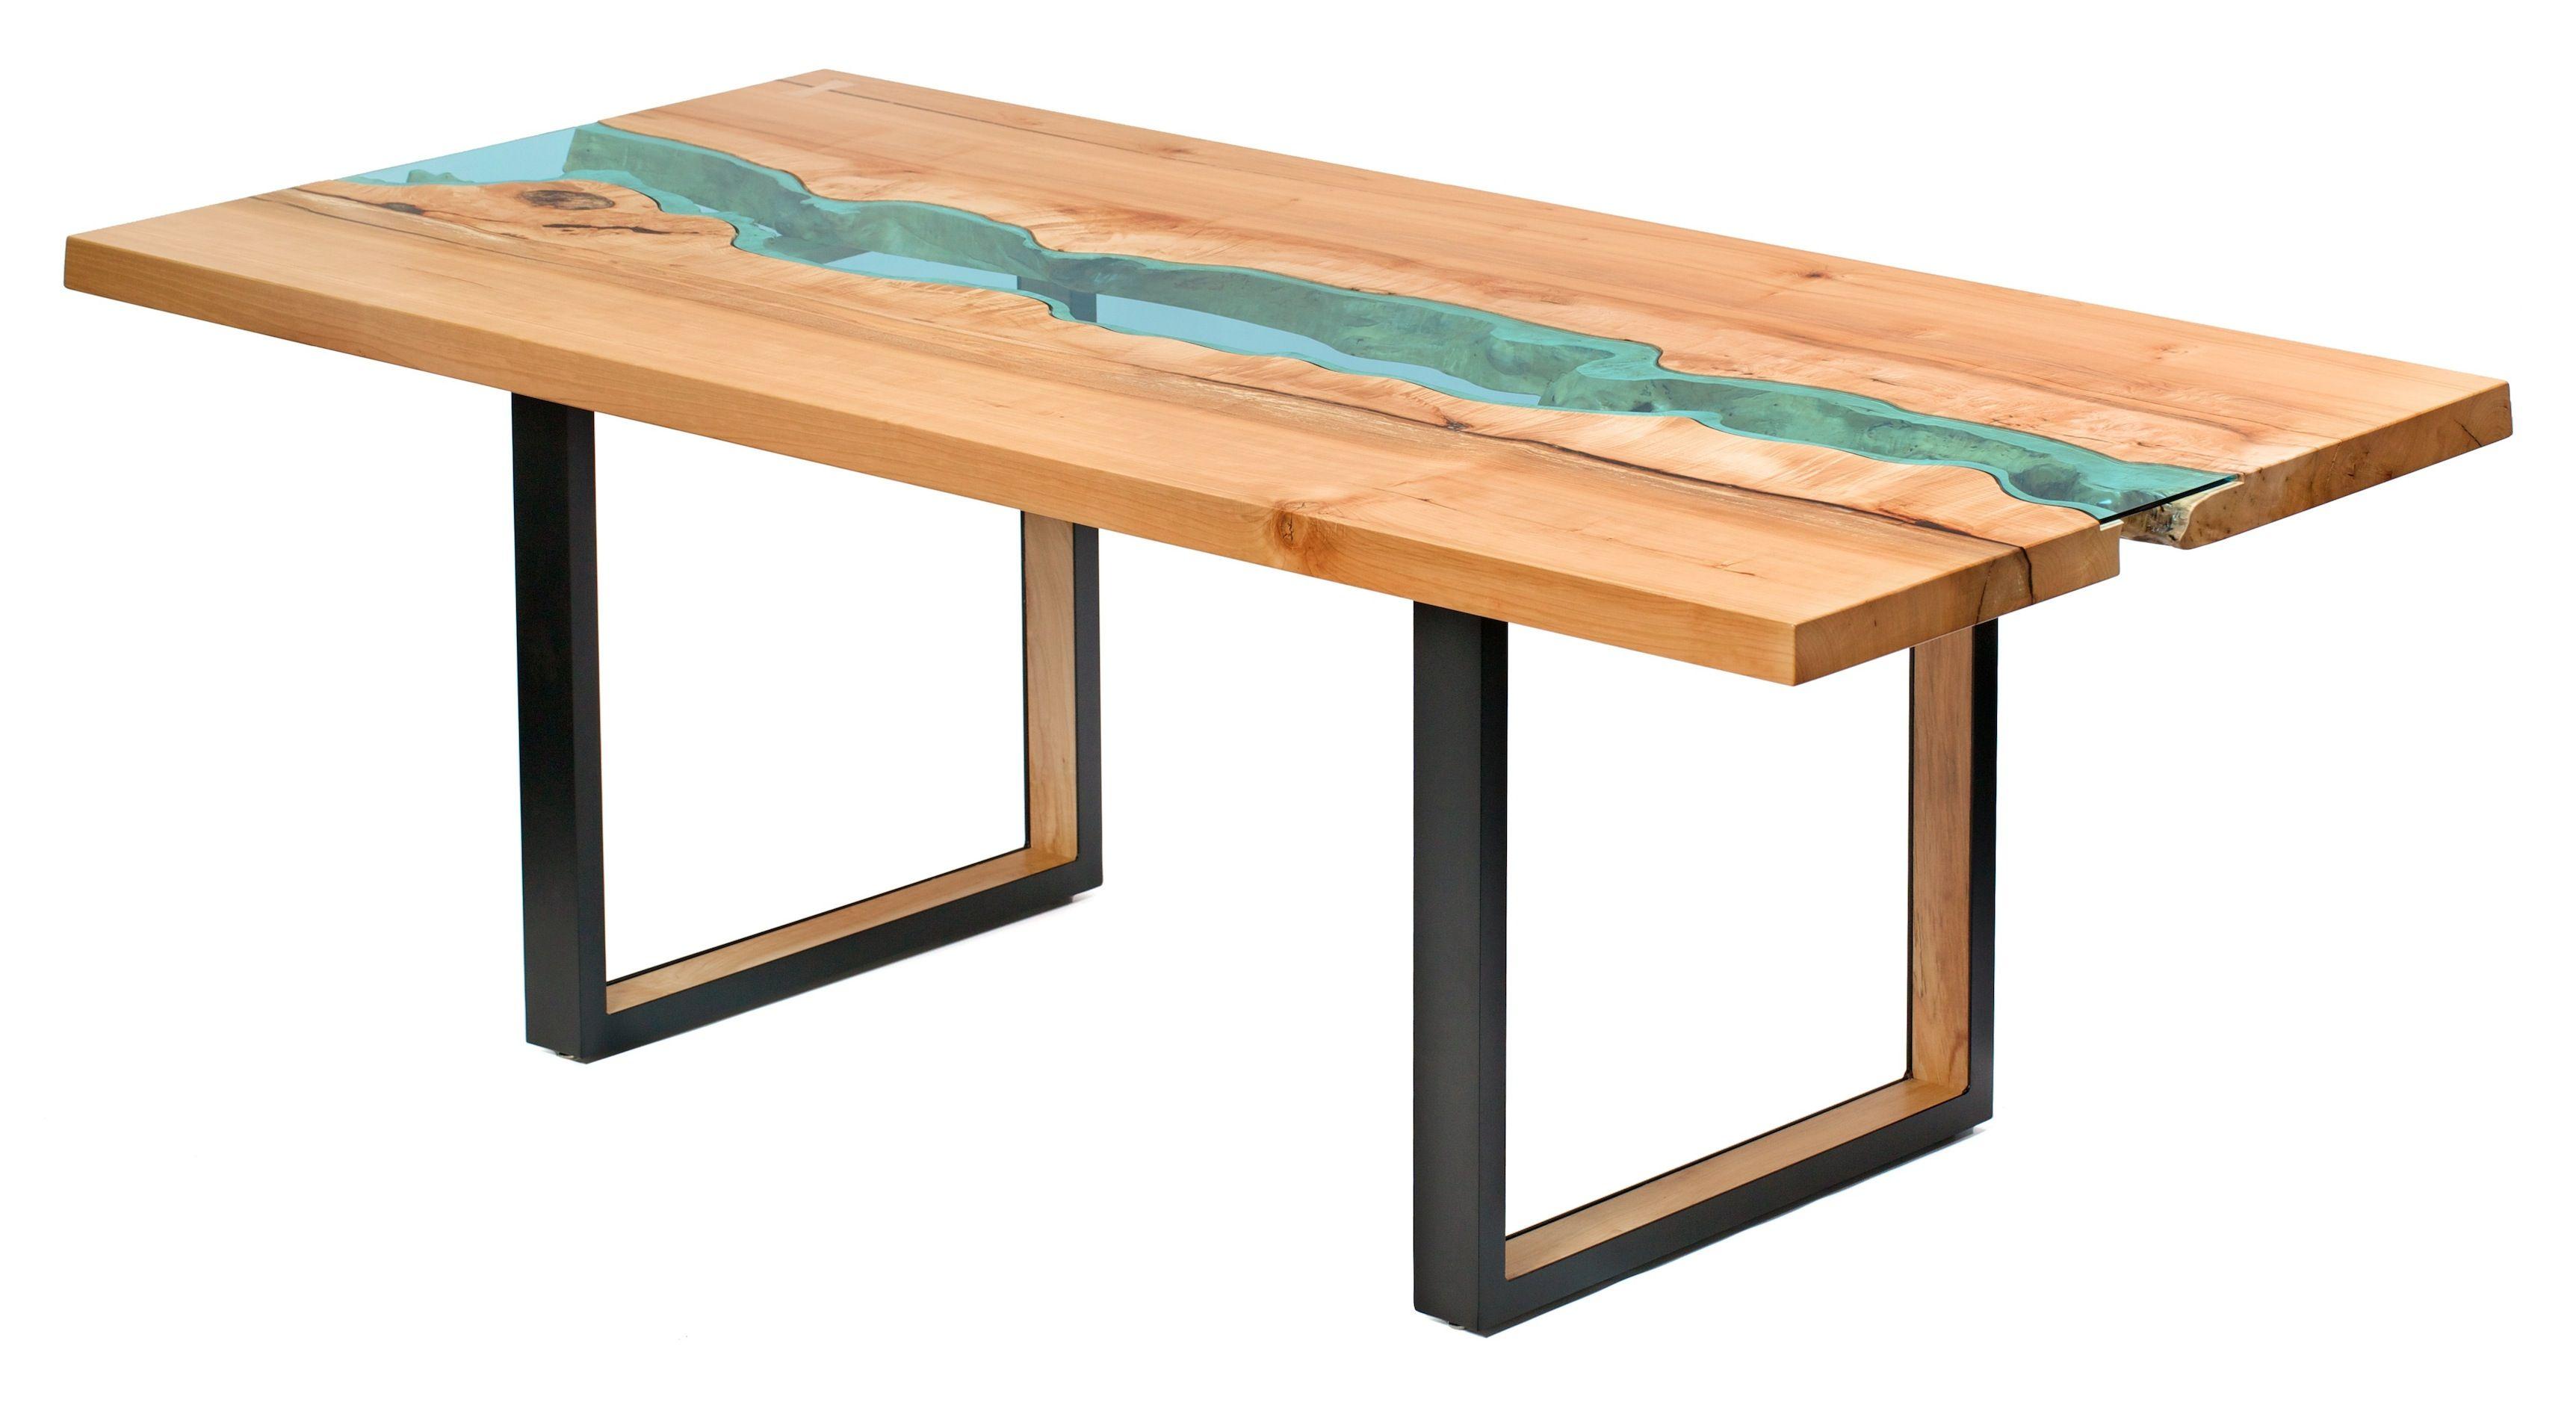 82f666a13e6c6c78445b2f2f6994dab4 Impressionnant De Table Basse Bois Naturel Des Idées